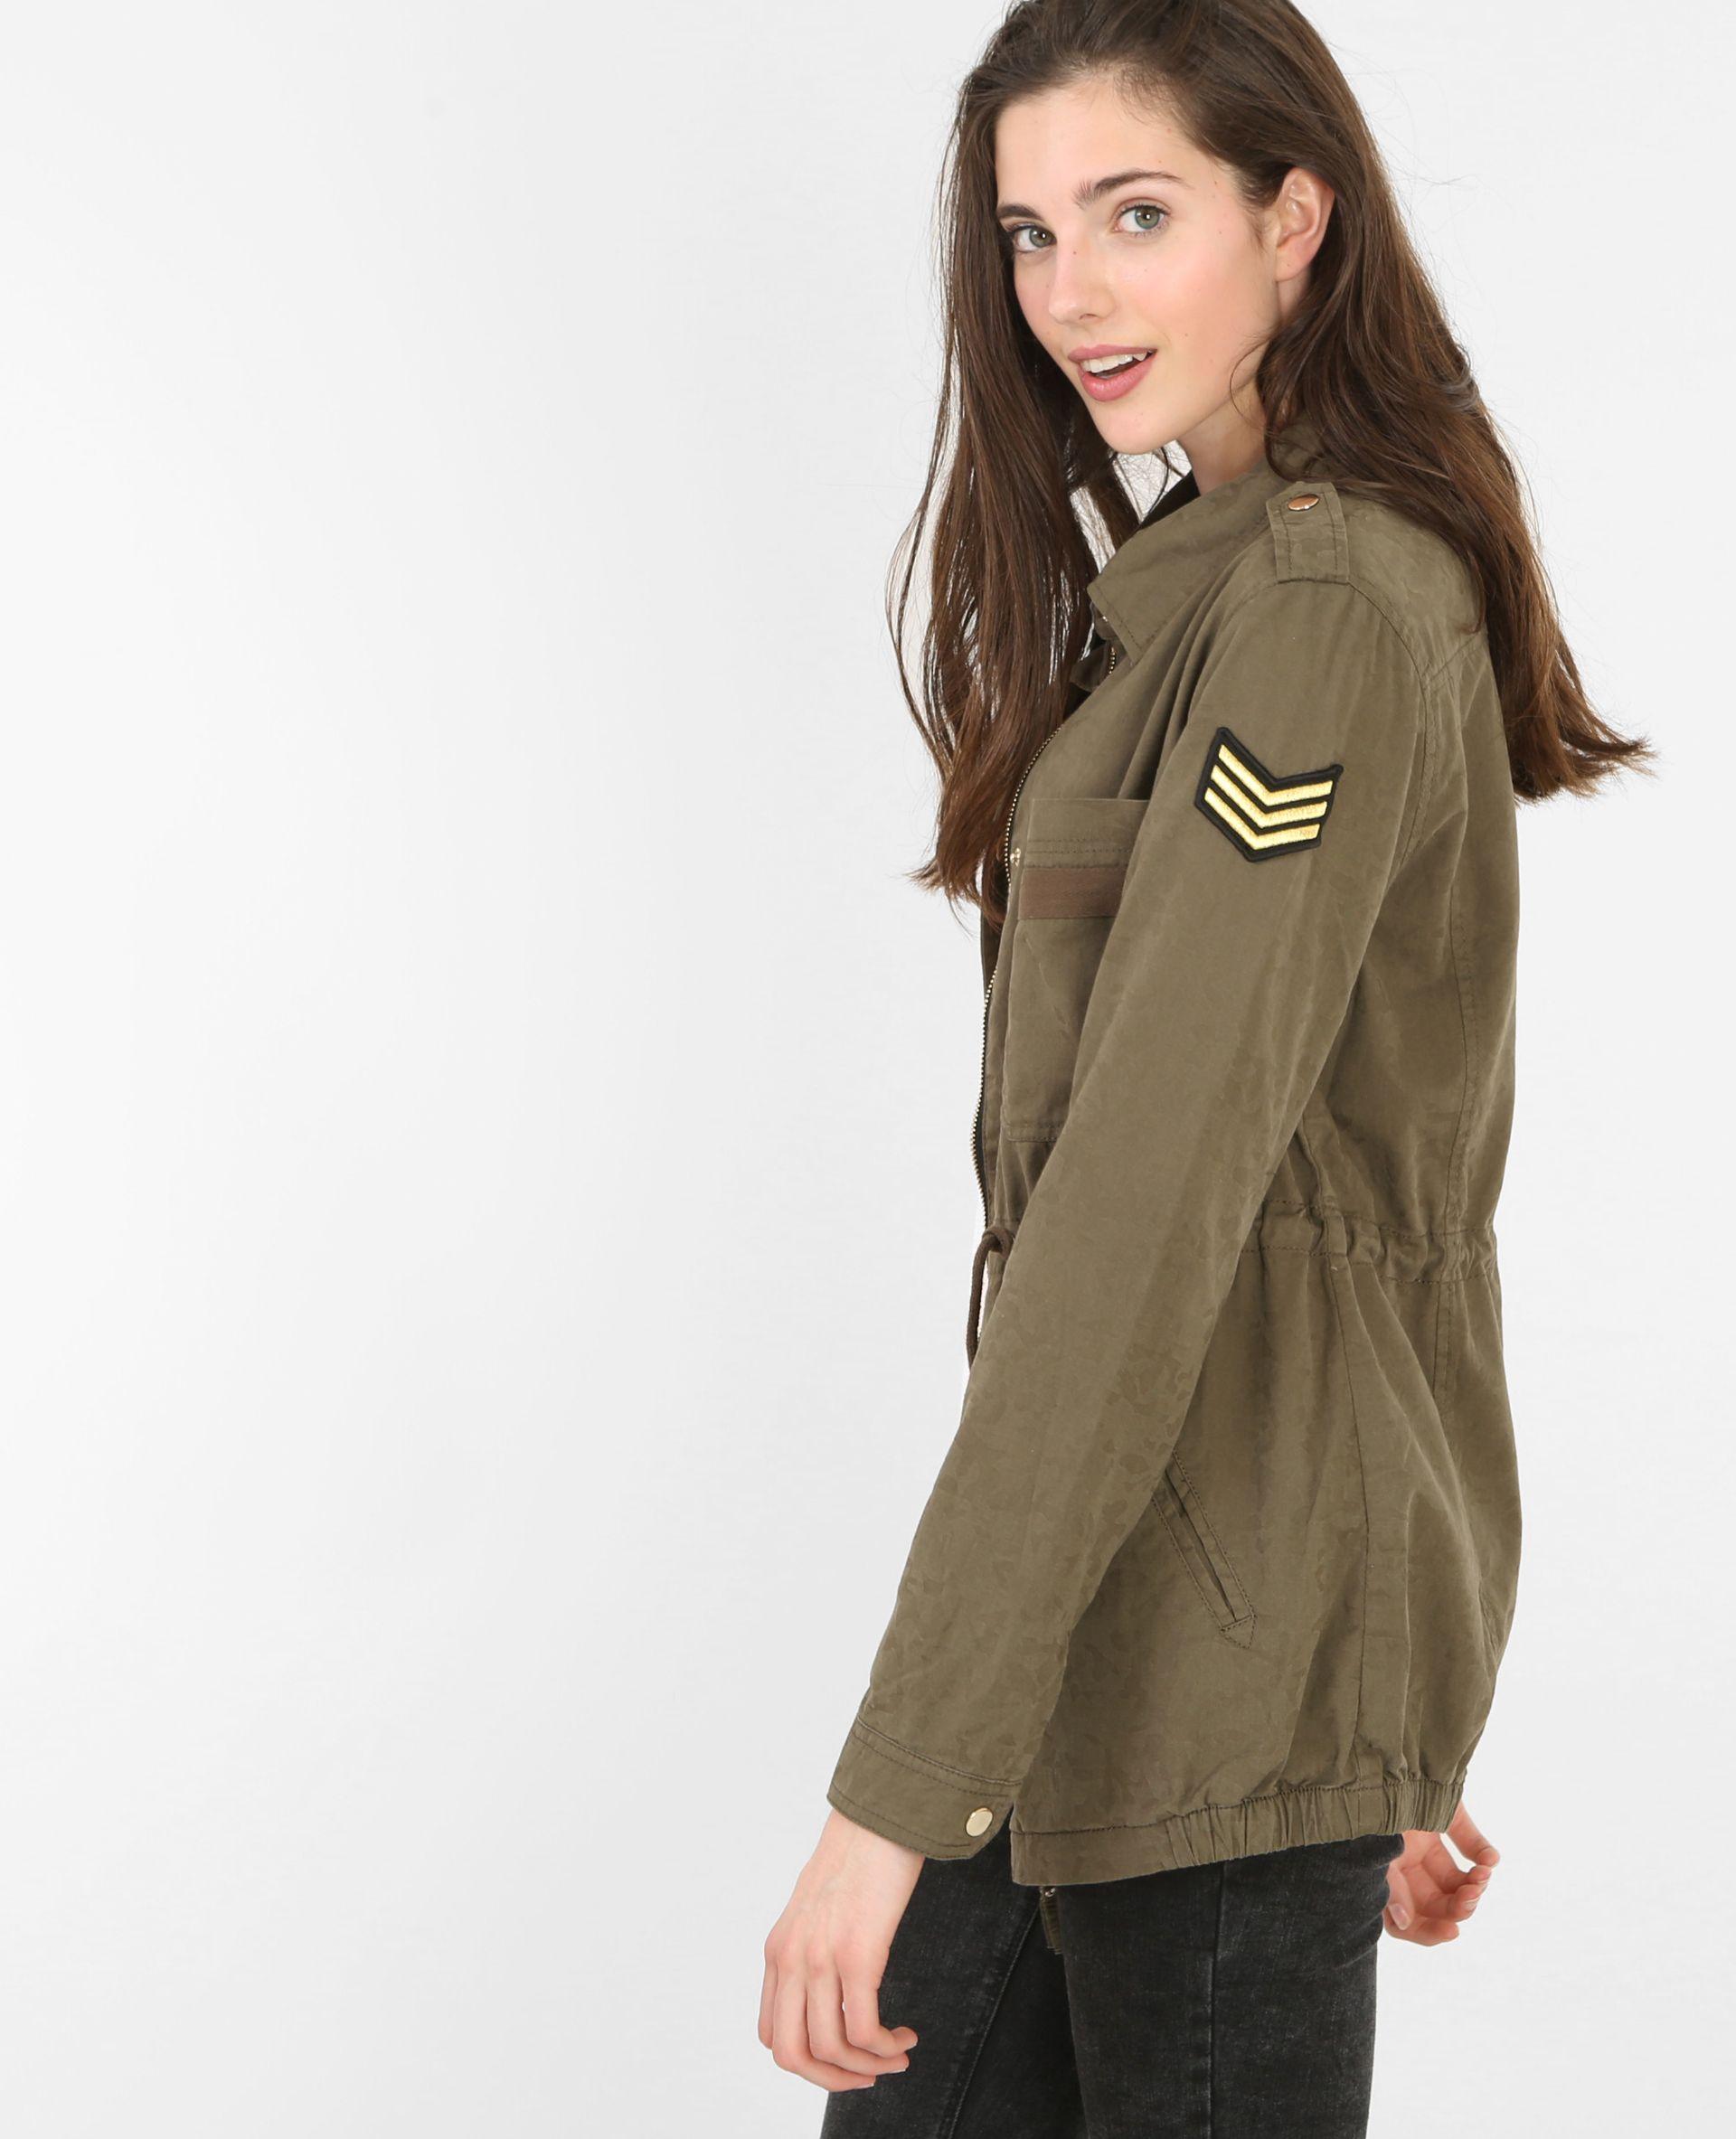 Parka im Army-Stil - Mit dem Parka in Khaki kreiert man einen ...